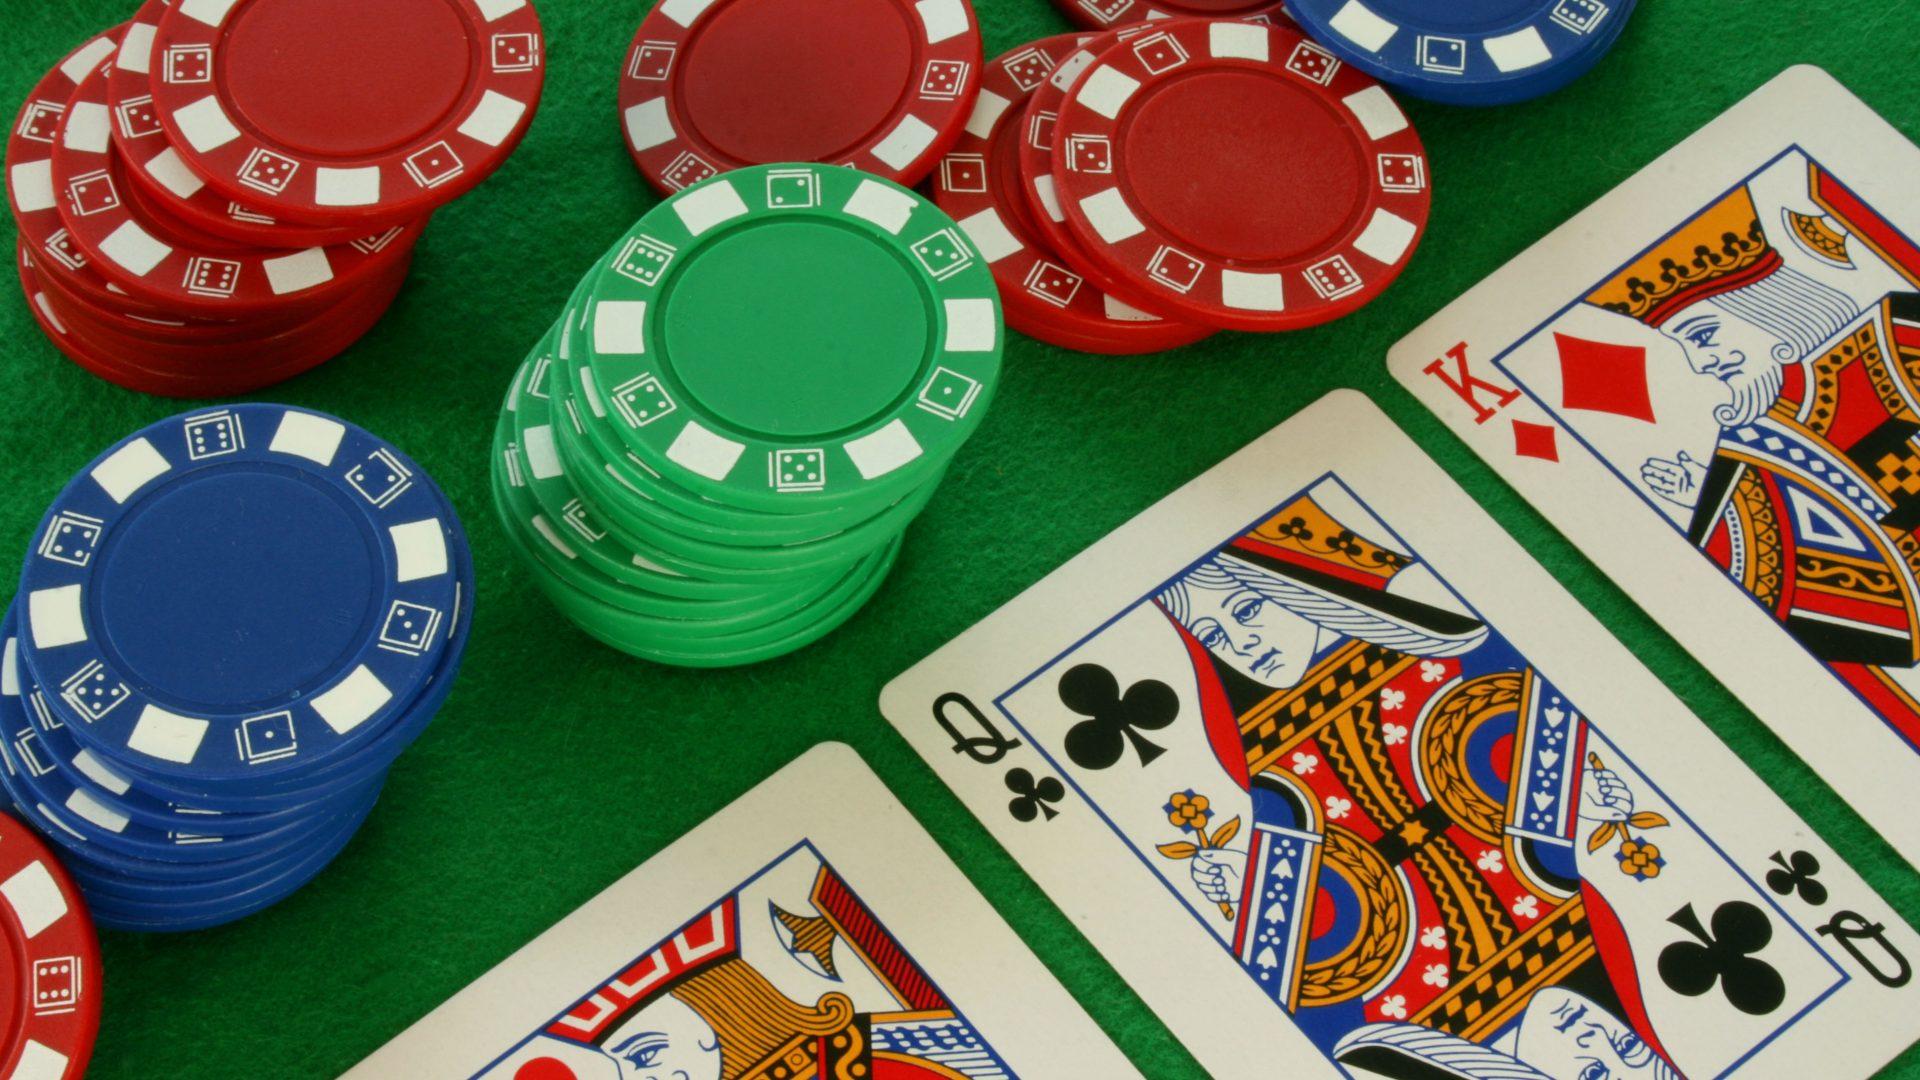 Come poter riuscire a cambiare vita con il gioco d'azzardo